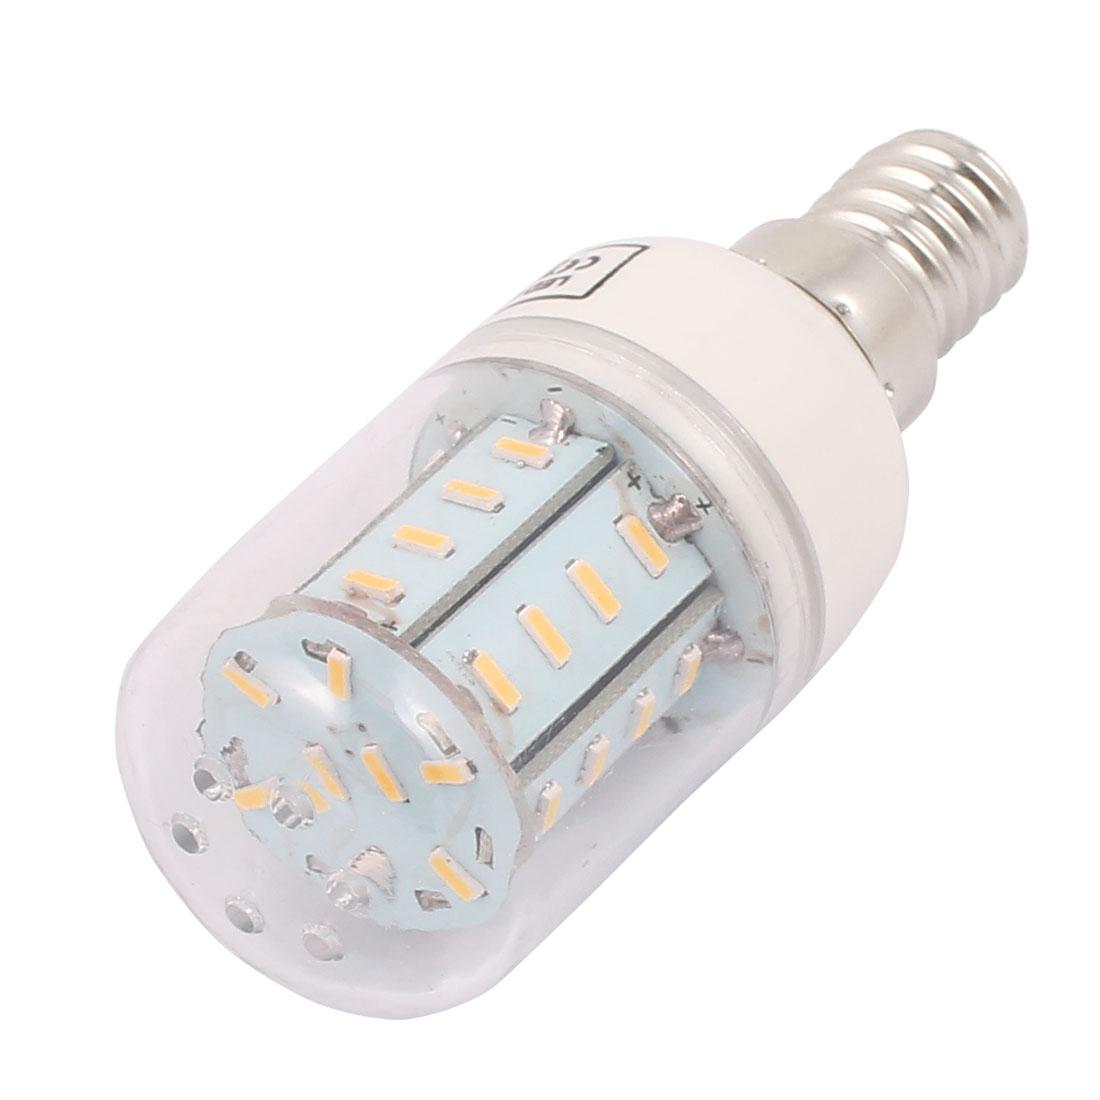 AC220V 5W 37 x 4014 LED E14 Corn Bulb Light Lamp Energy Saving Warm White